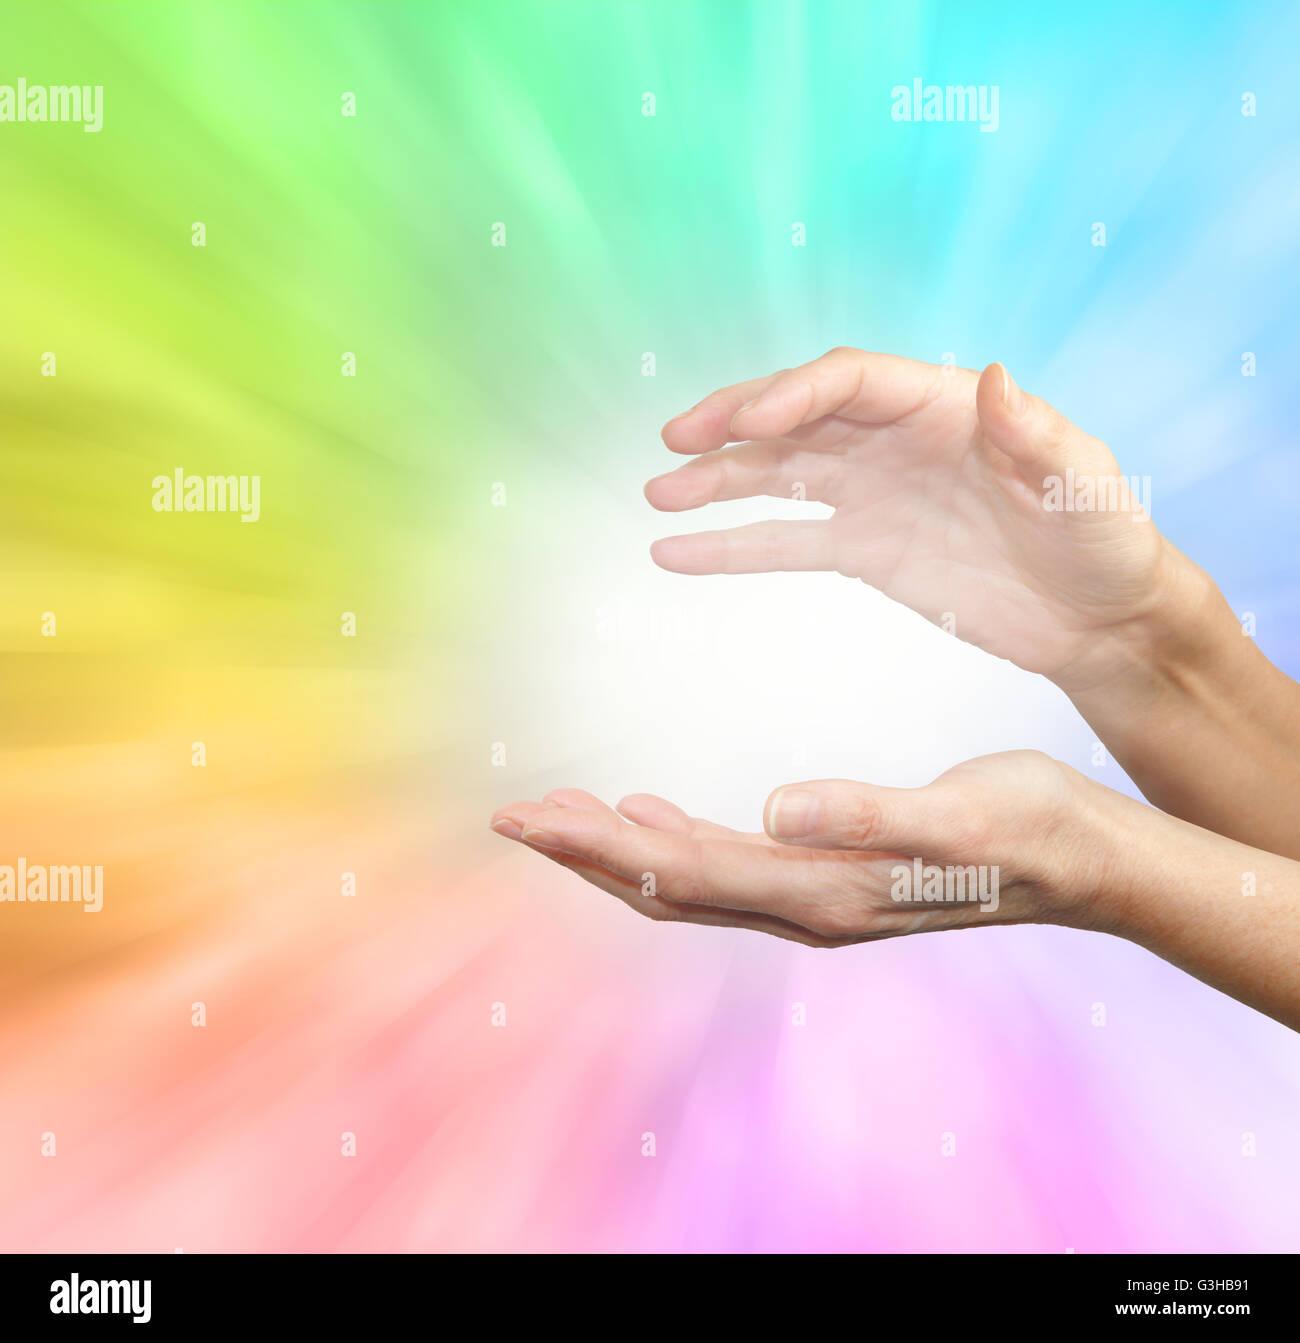 Weibchen ausgestreckt heilende Hände auf weichen nach außen strahlt regenbogenfarbenen Energie-Hintergrund Stockfoto